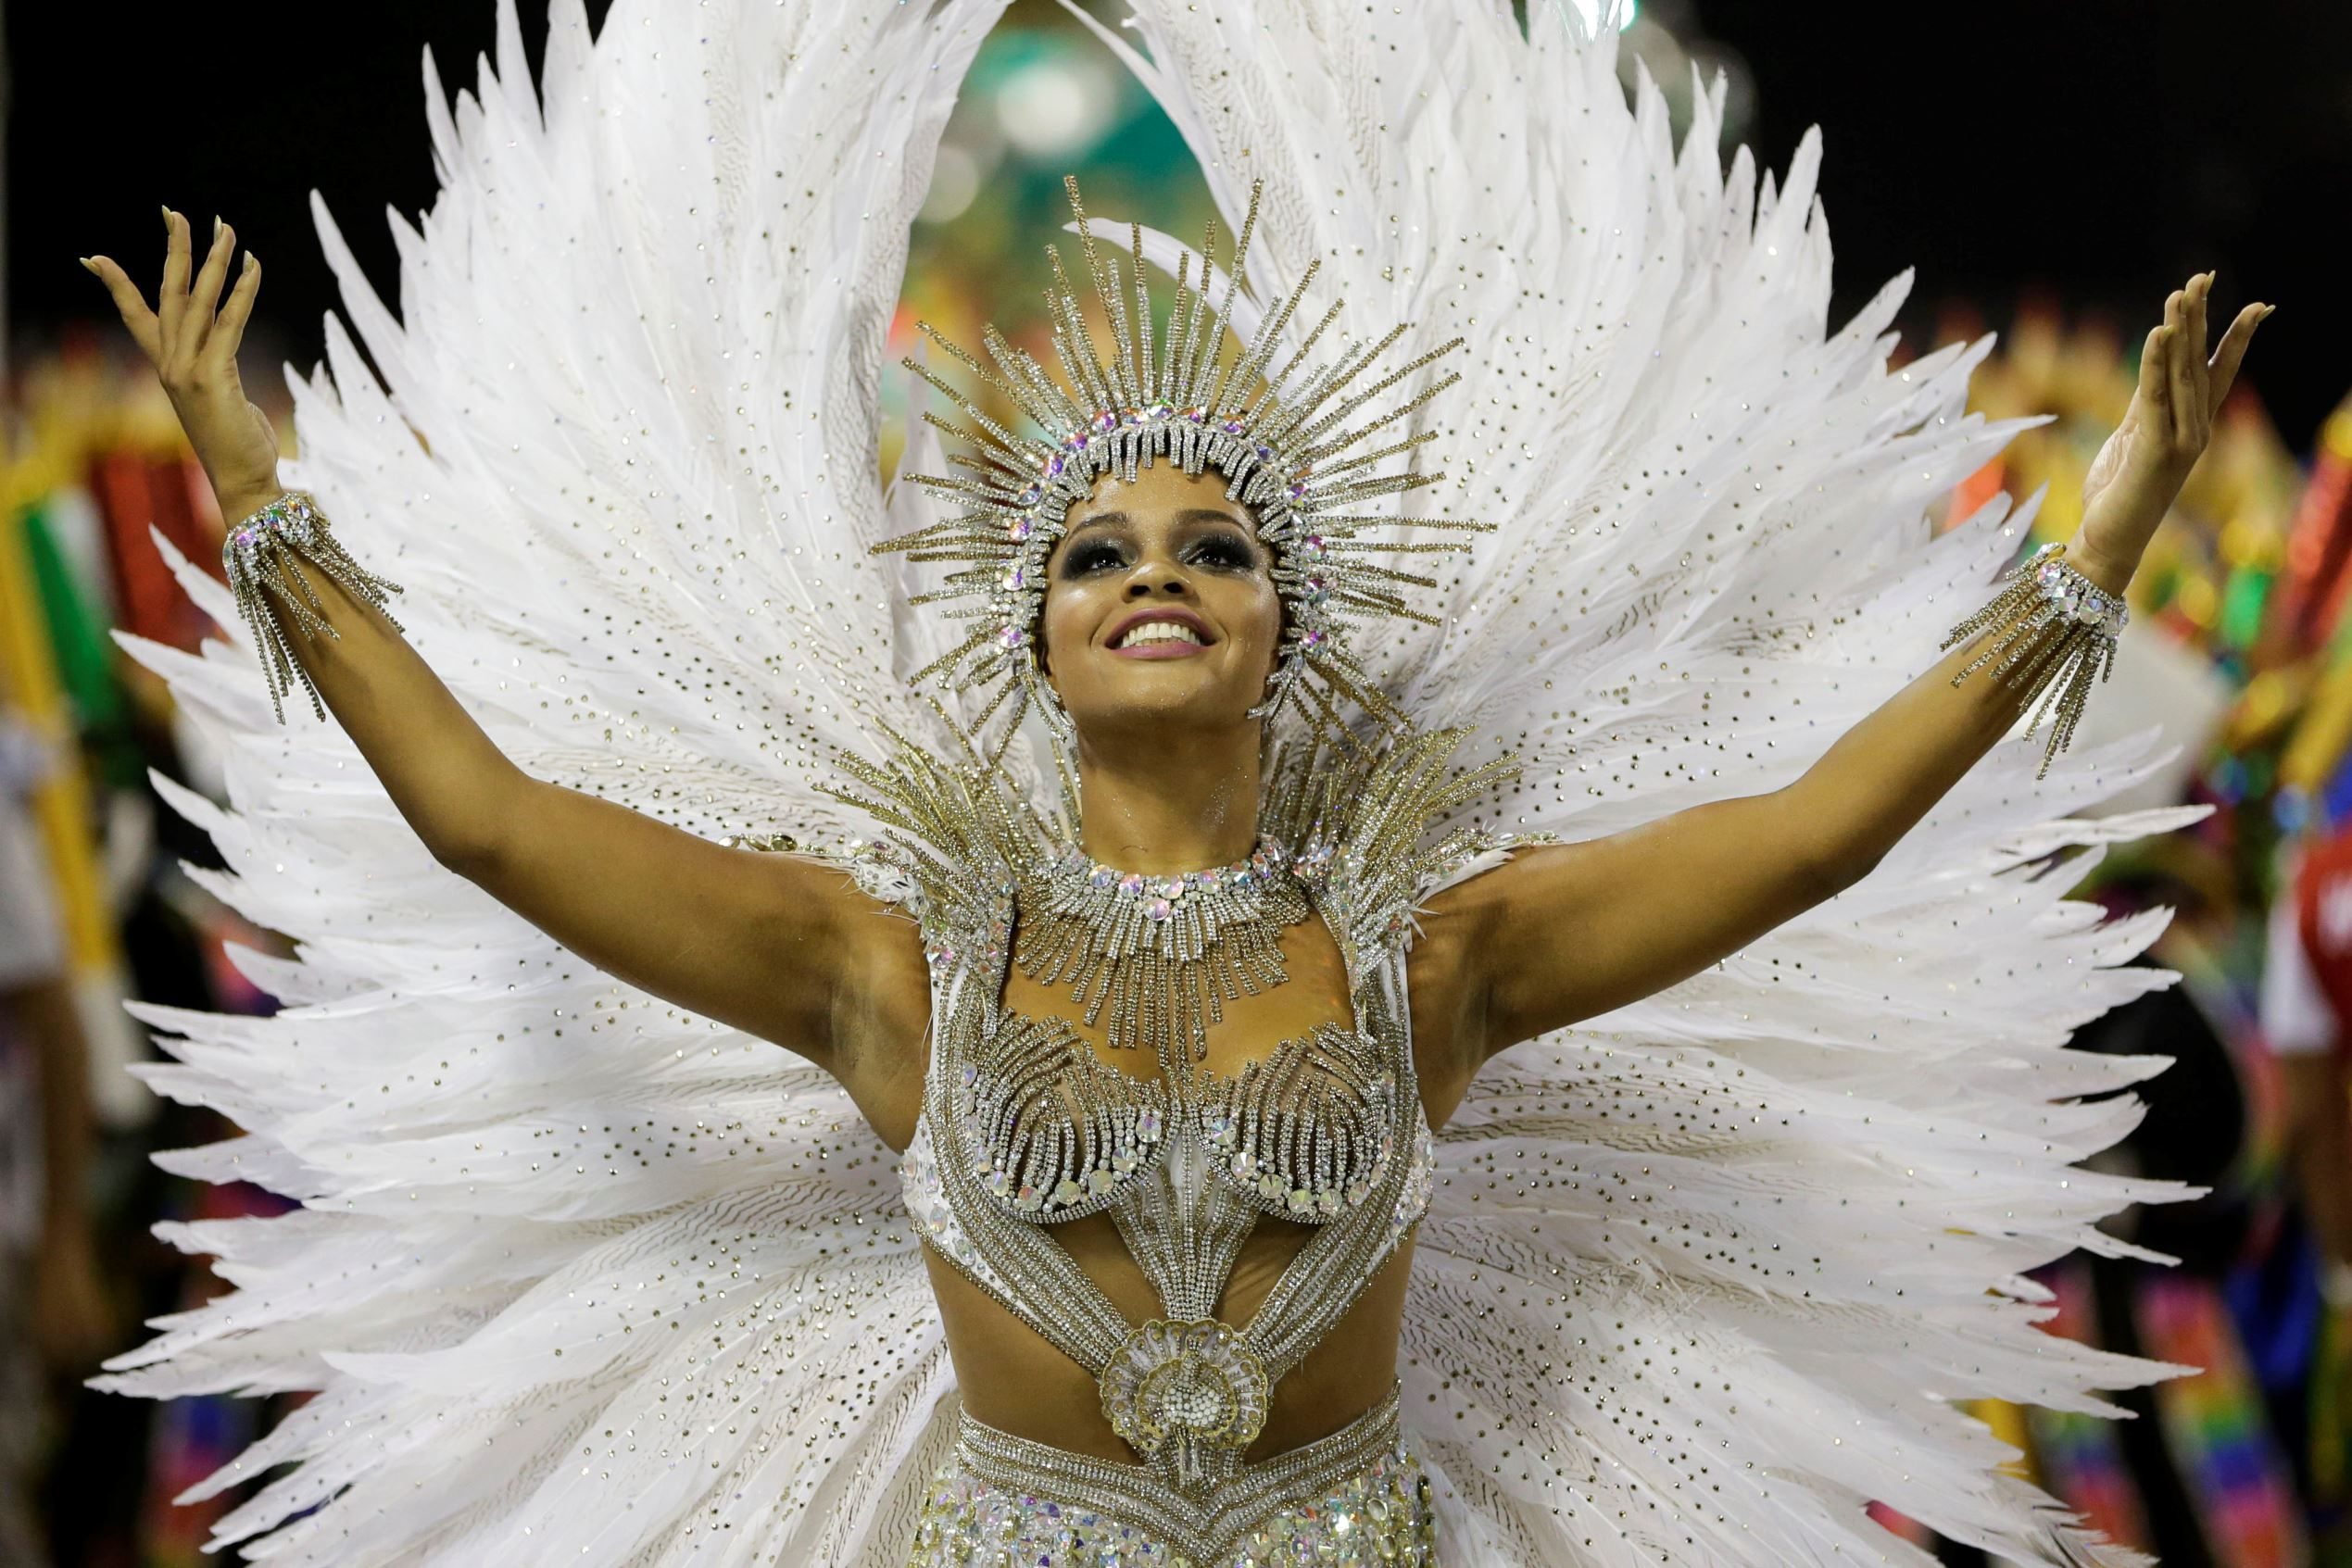 Stunning Pictures From 2015 Carnivals Carnaval De Brasil Carnaval Trajes De Carnaval